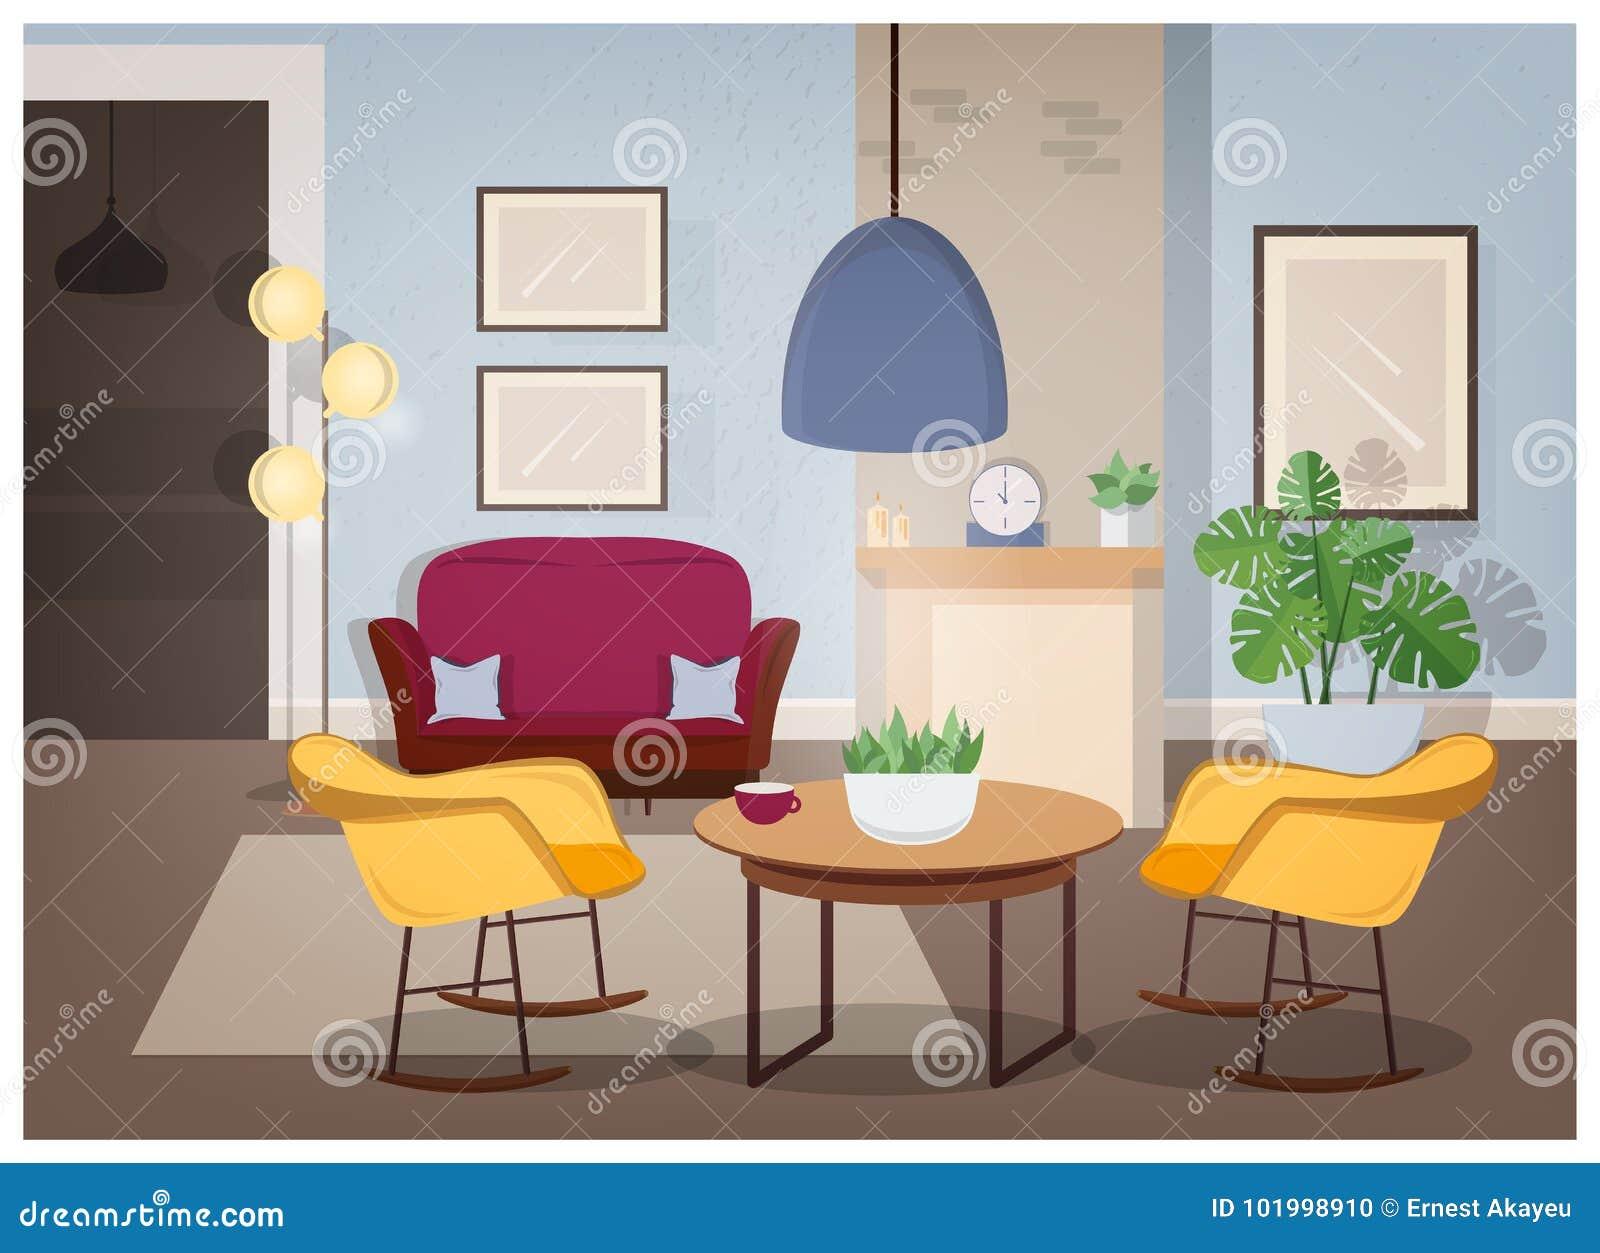 Σύγχρονο εσωτερικό του καθιστικού με τα άνετα έπιπλα και τις καθιερώνουσες  τη μόδα εγχώριες διακοσμήσεις - 39ebd63bf41